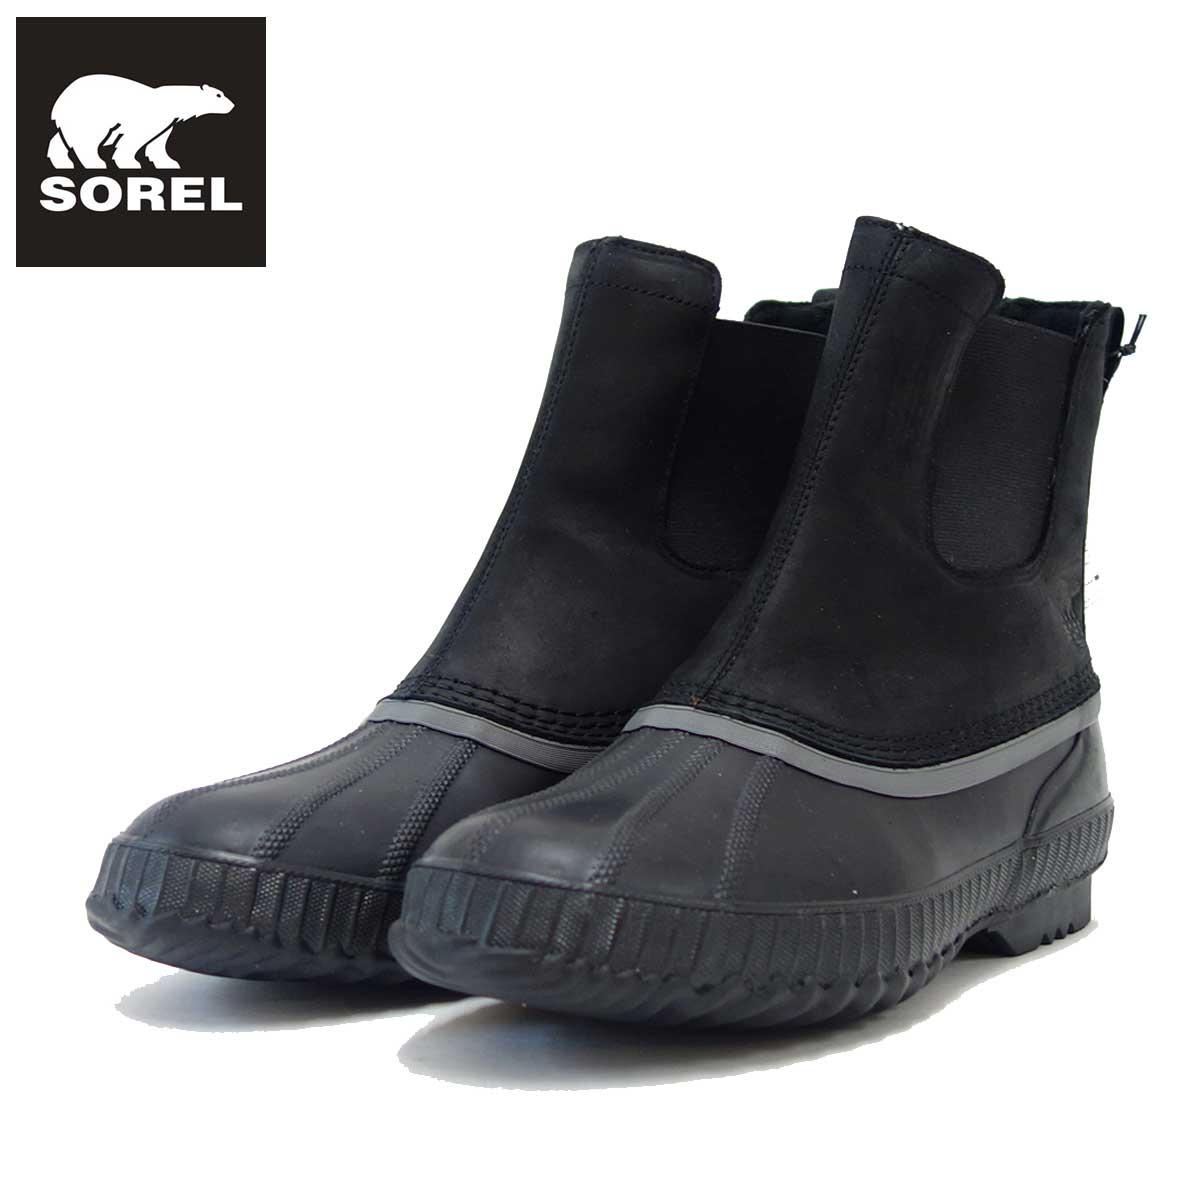 ソレル SOREL NM2609(メンズ) シャイアン 2 チェルシー:ブラック/ダークグレー(010) 保温性・防水性抜群の快適ウィンターブーツ 「靴」